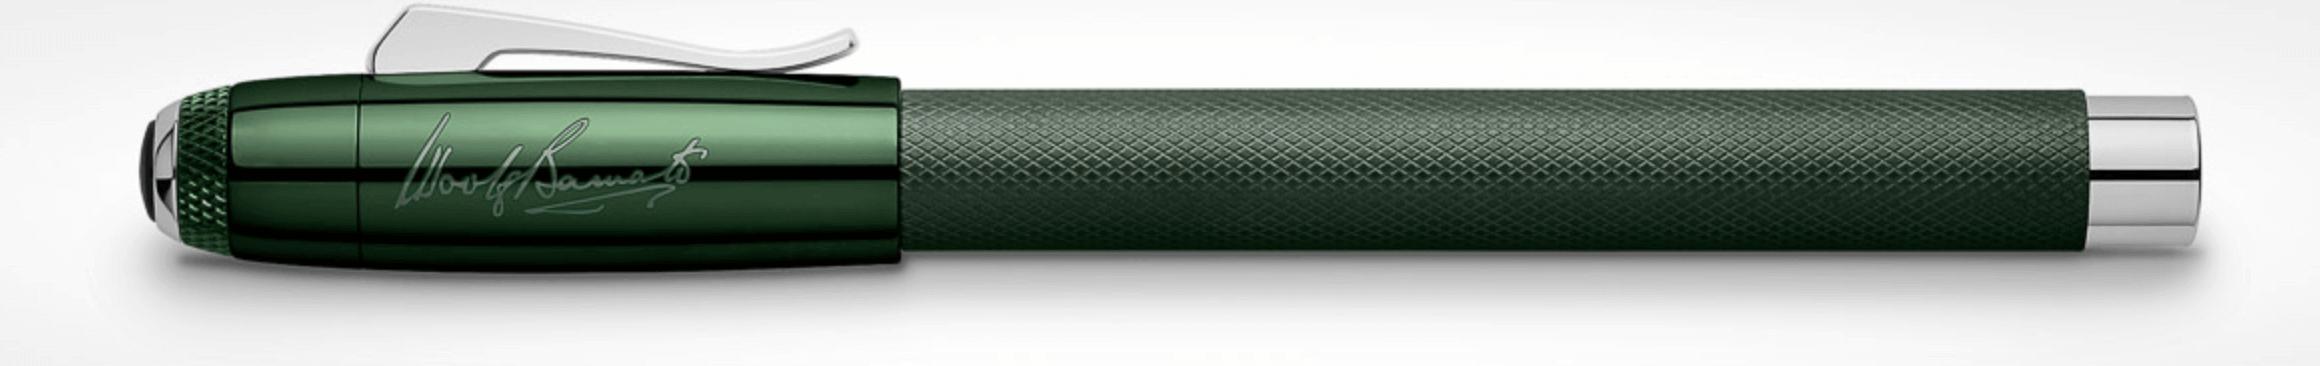 """Bentley """"Limited Edition Barnato"""" ile Graf von Faber-Castell tasarım"""